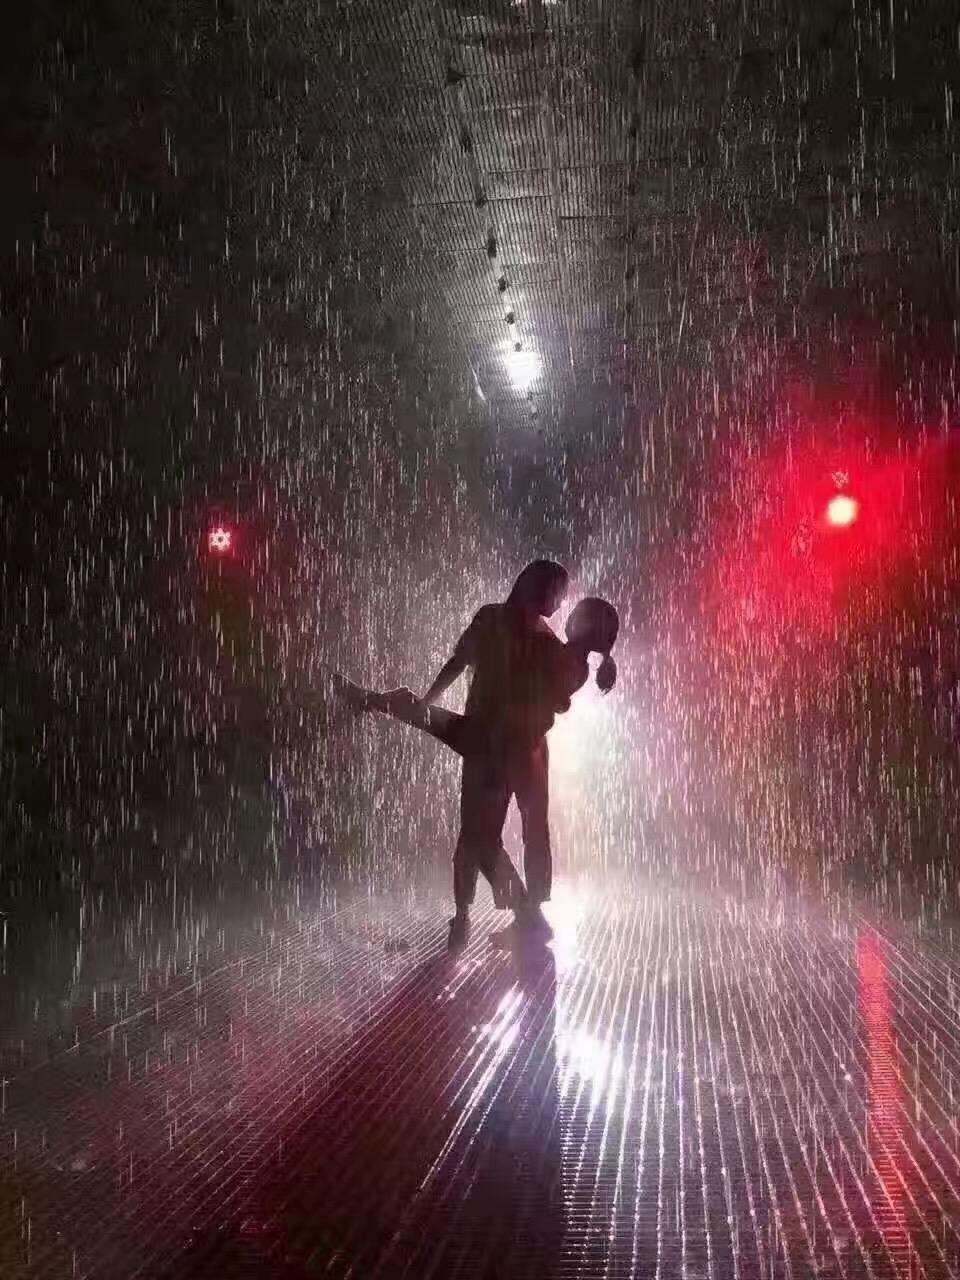 江門雨屋出租價格 浪漫雨屋出租